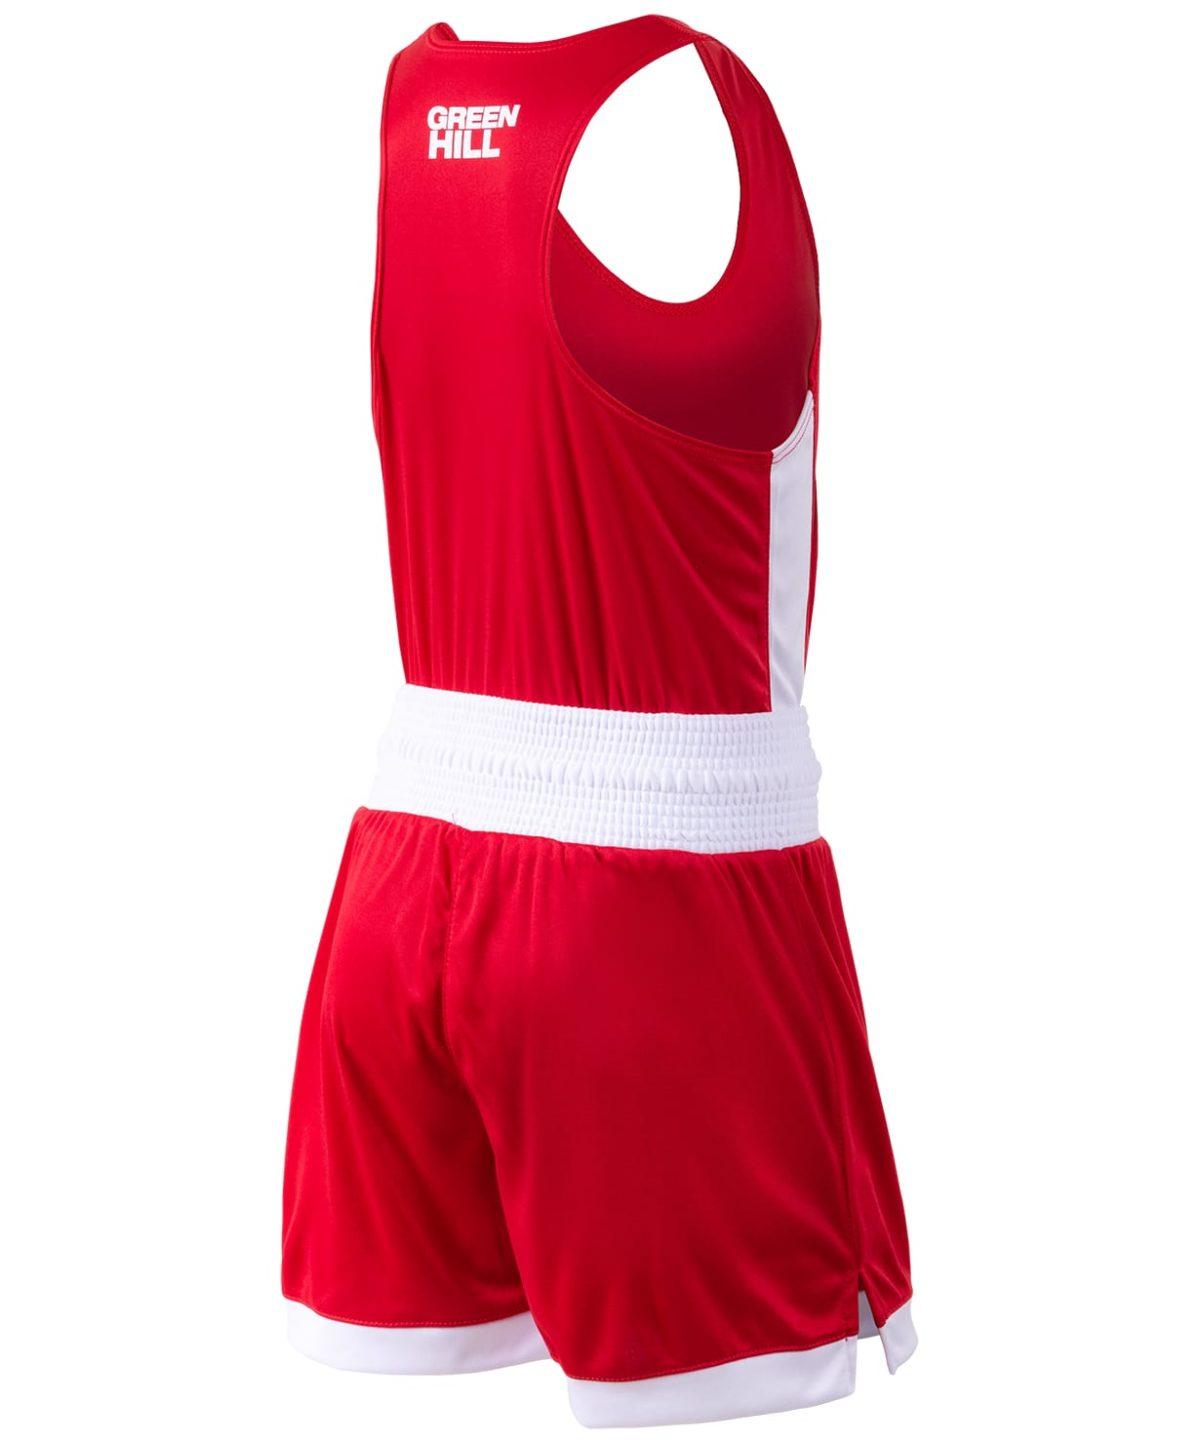 GREEN HILL Interlock Форма для бокса детская BSI-3805: красный - 2